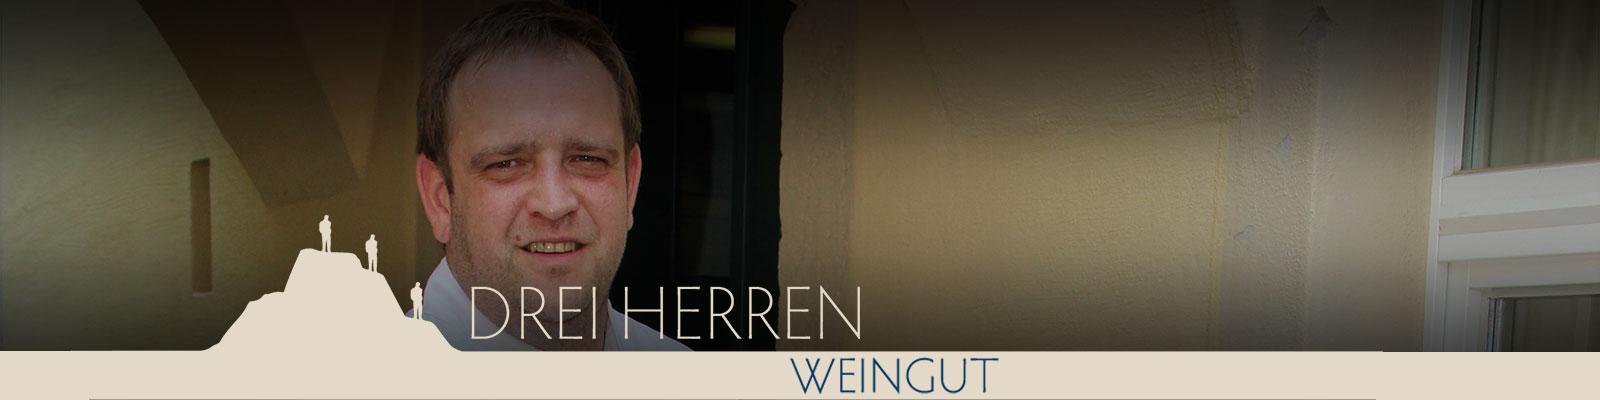 Header01_Weinstube02_1600x400